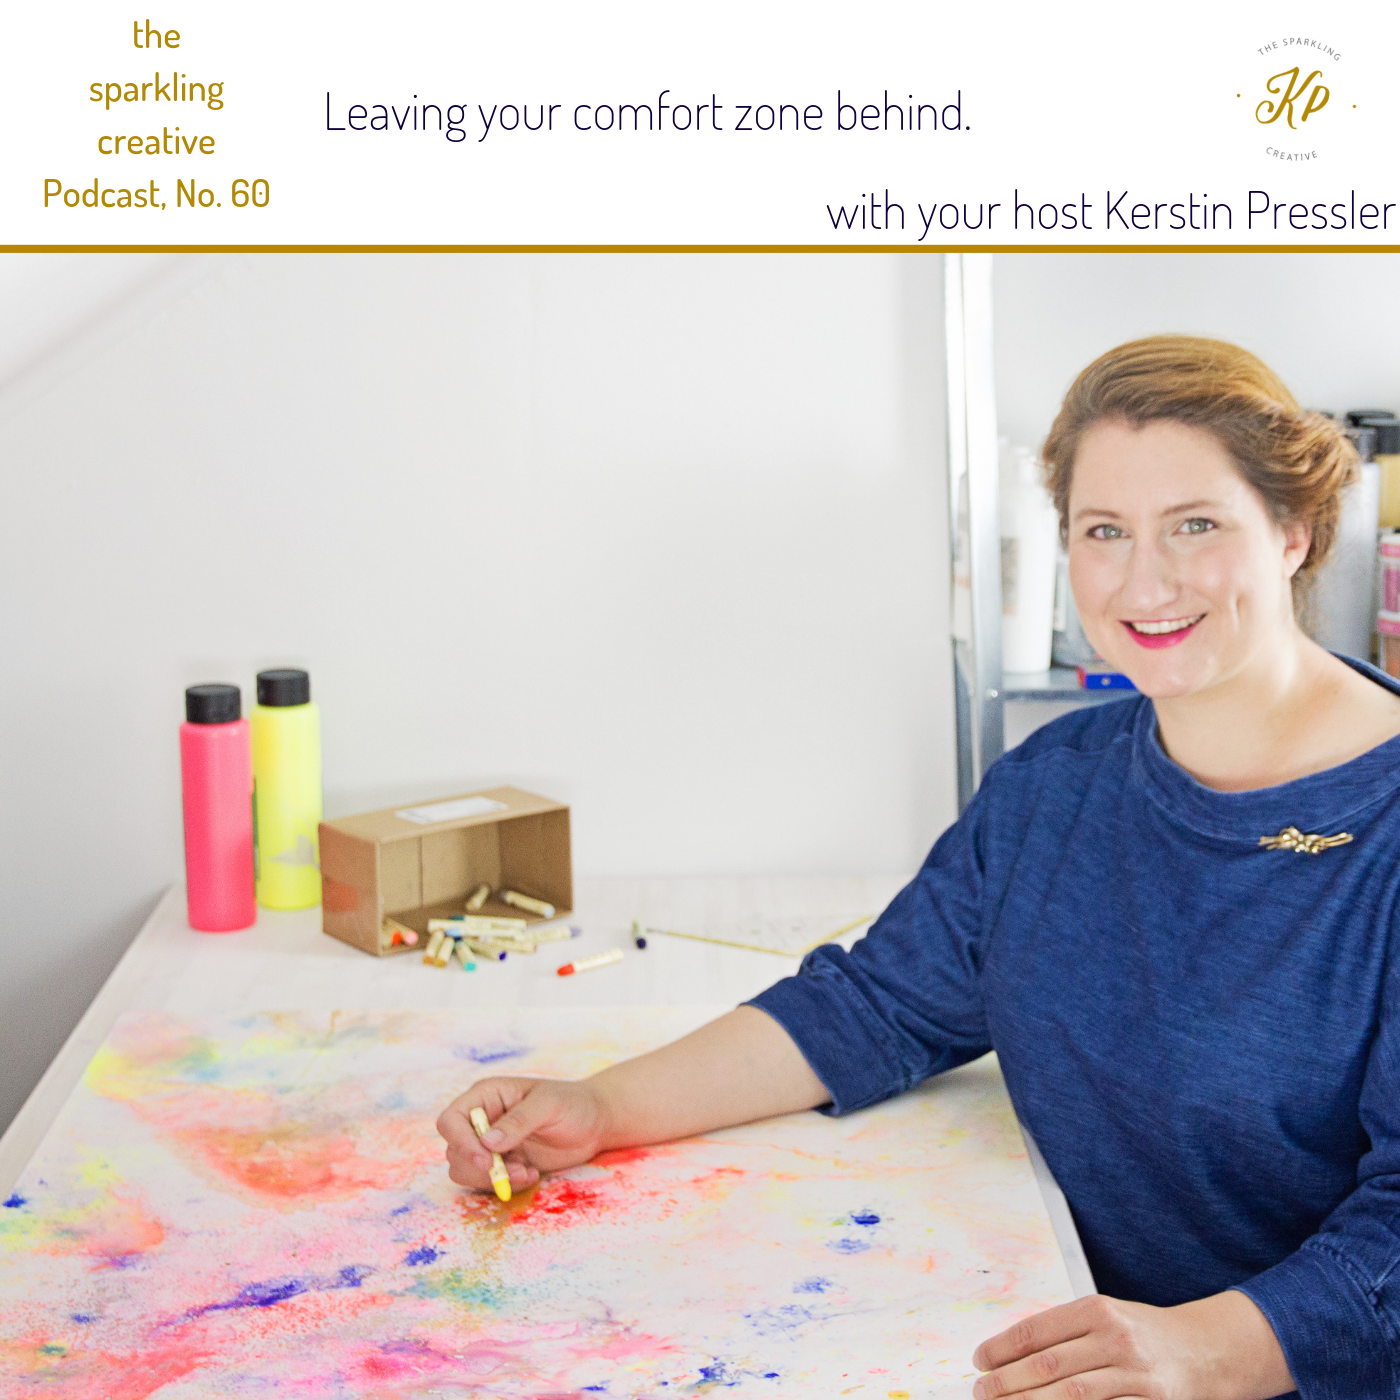 the sparkling creative Podcast, Episode 60: Leaving your comfort zone behind. www.kerstinpressler.com/blog-2/episode60